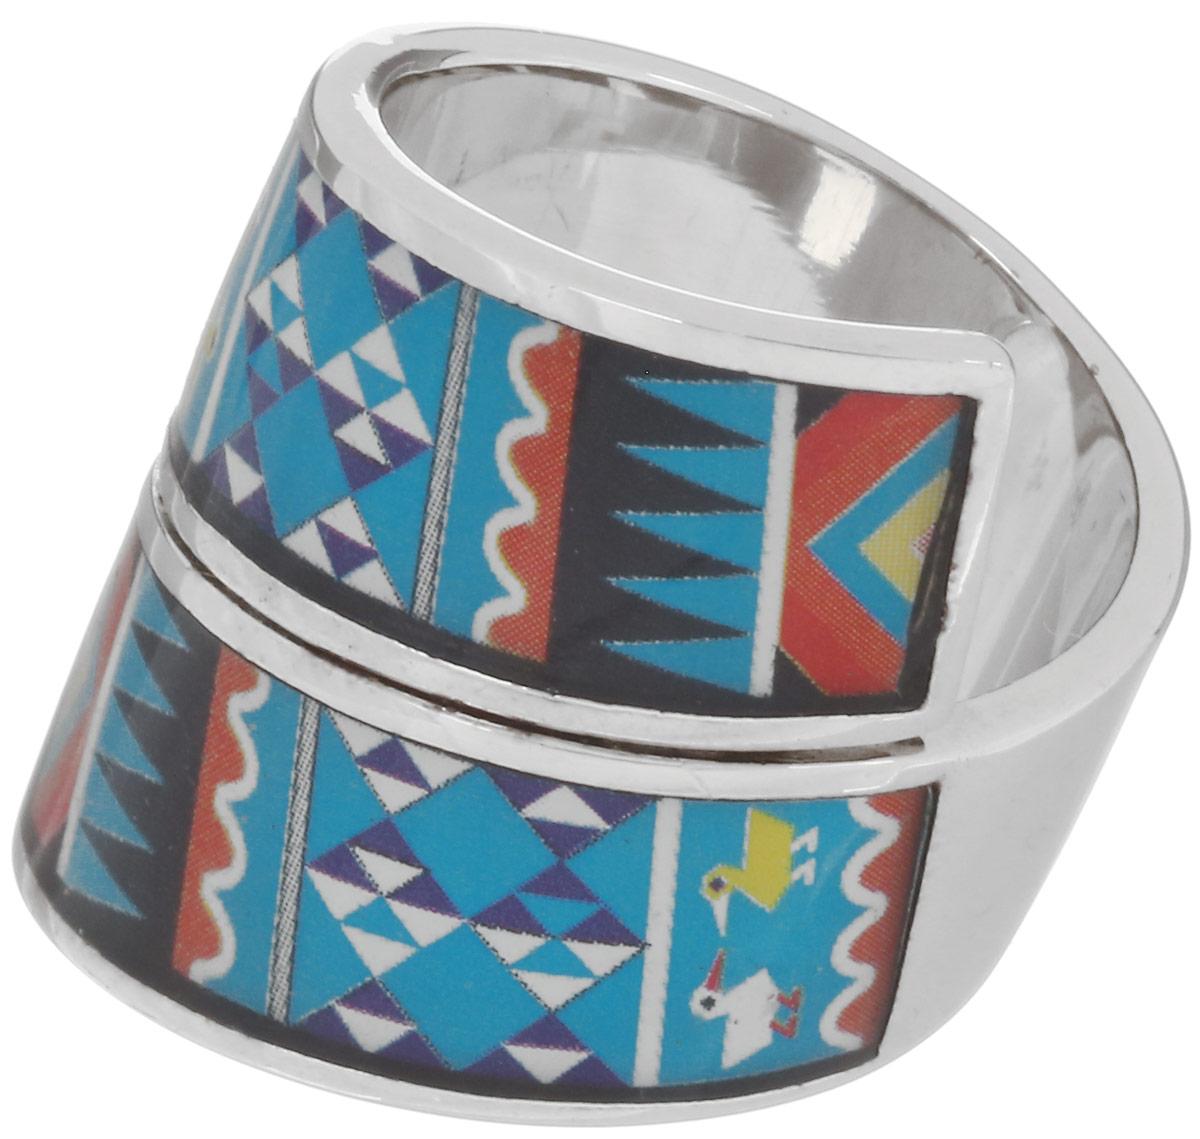 Кольцо Art-Silver, цвет: серебристый, голубой, мультиколор. ФК136-1-320. Размер 17,5ФК136-1-320Стильное кольцо спиралевидной формы от Art-Silver изготовлено из бижутерного сплава. Изделие оформлено оригинальным орнаментом и покрыто эмалью. Стильное кольцо придаст вашему образу изюминку и подчеркнет индивидуальность.